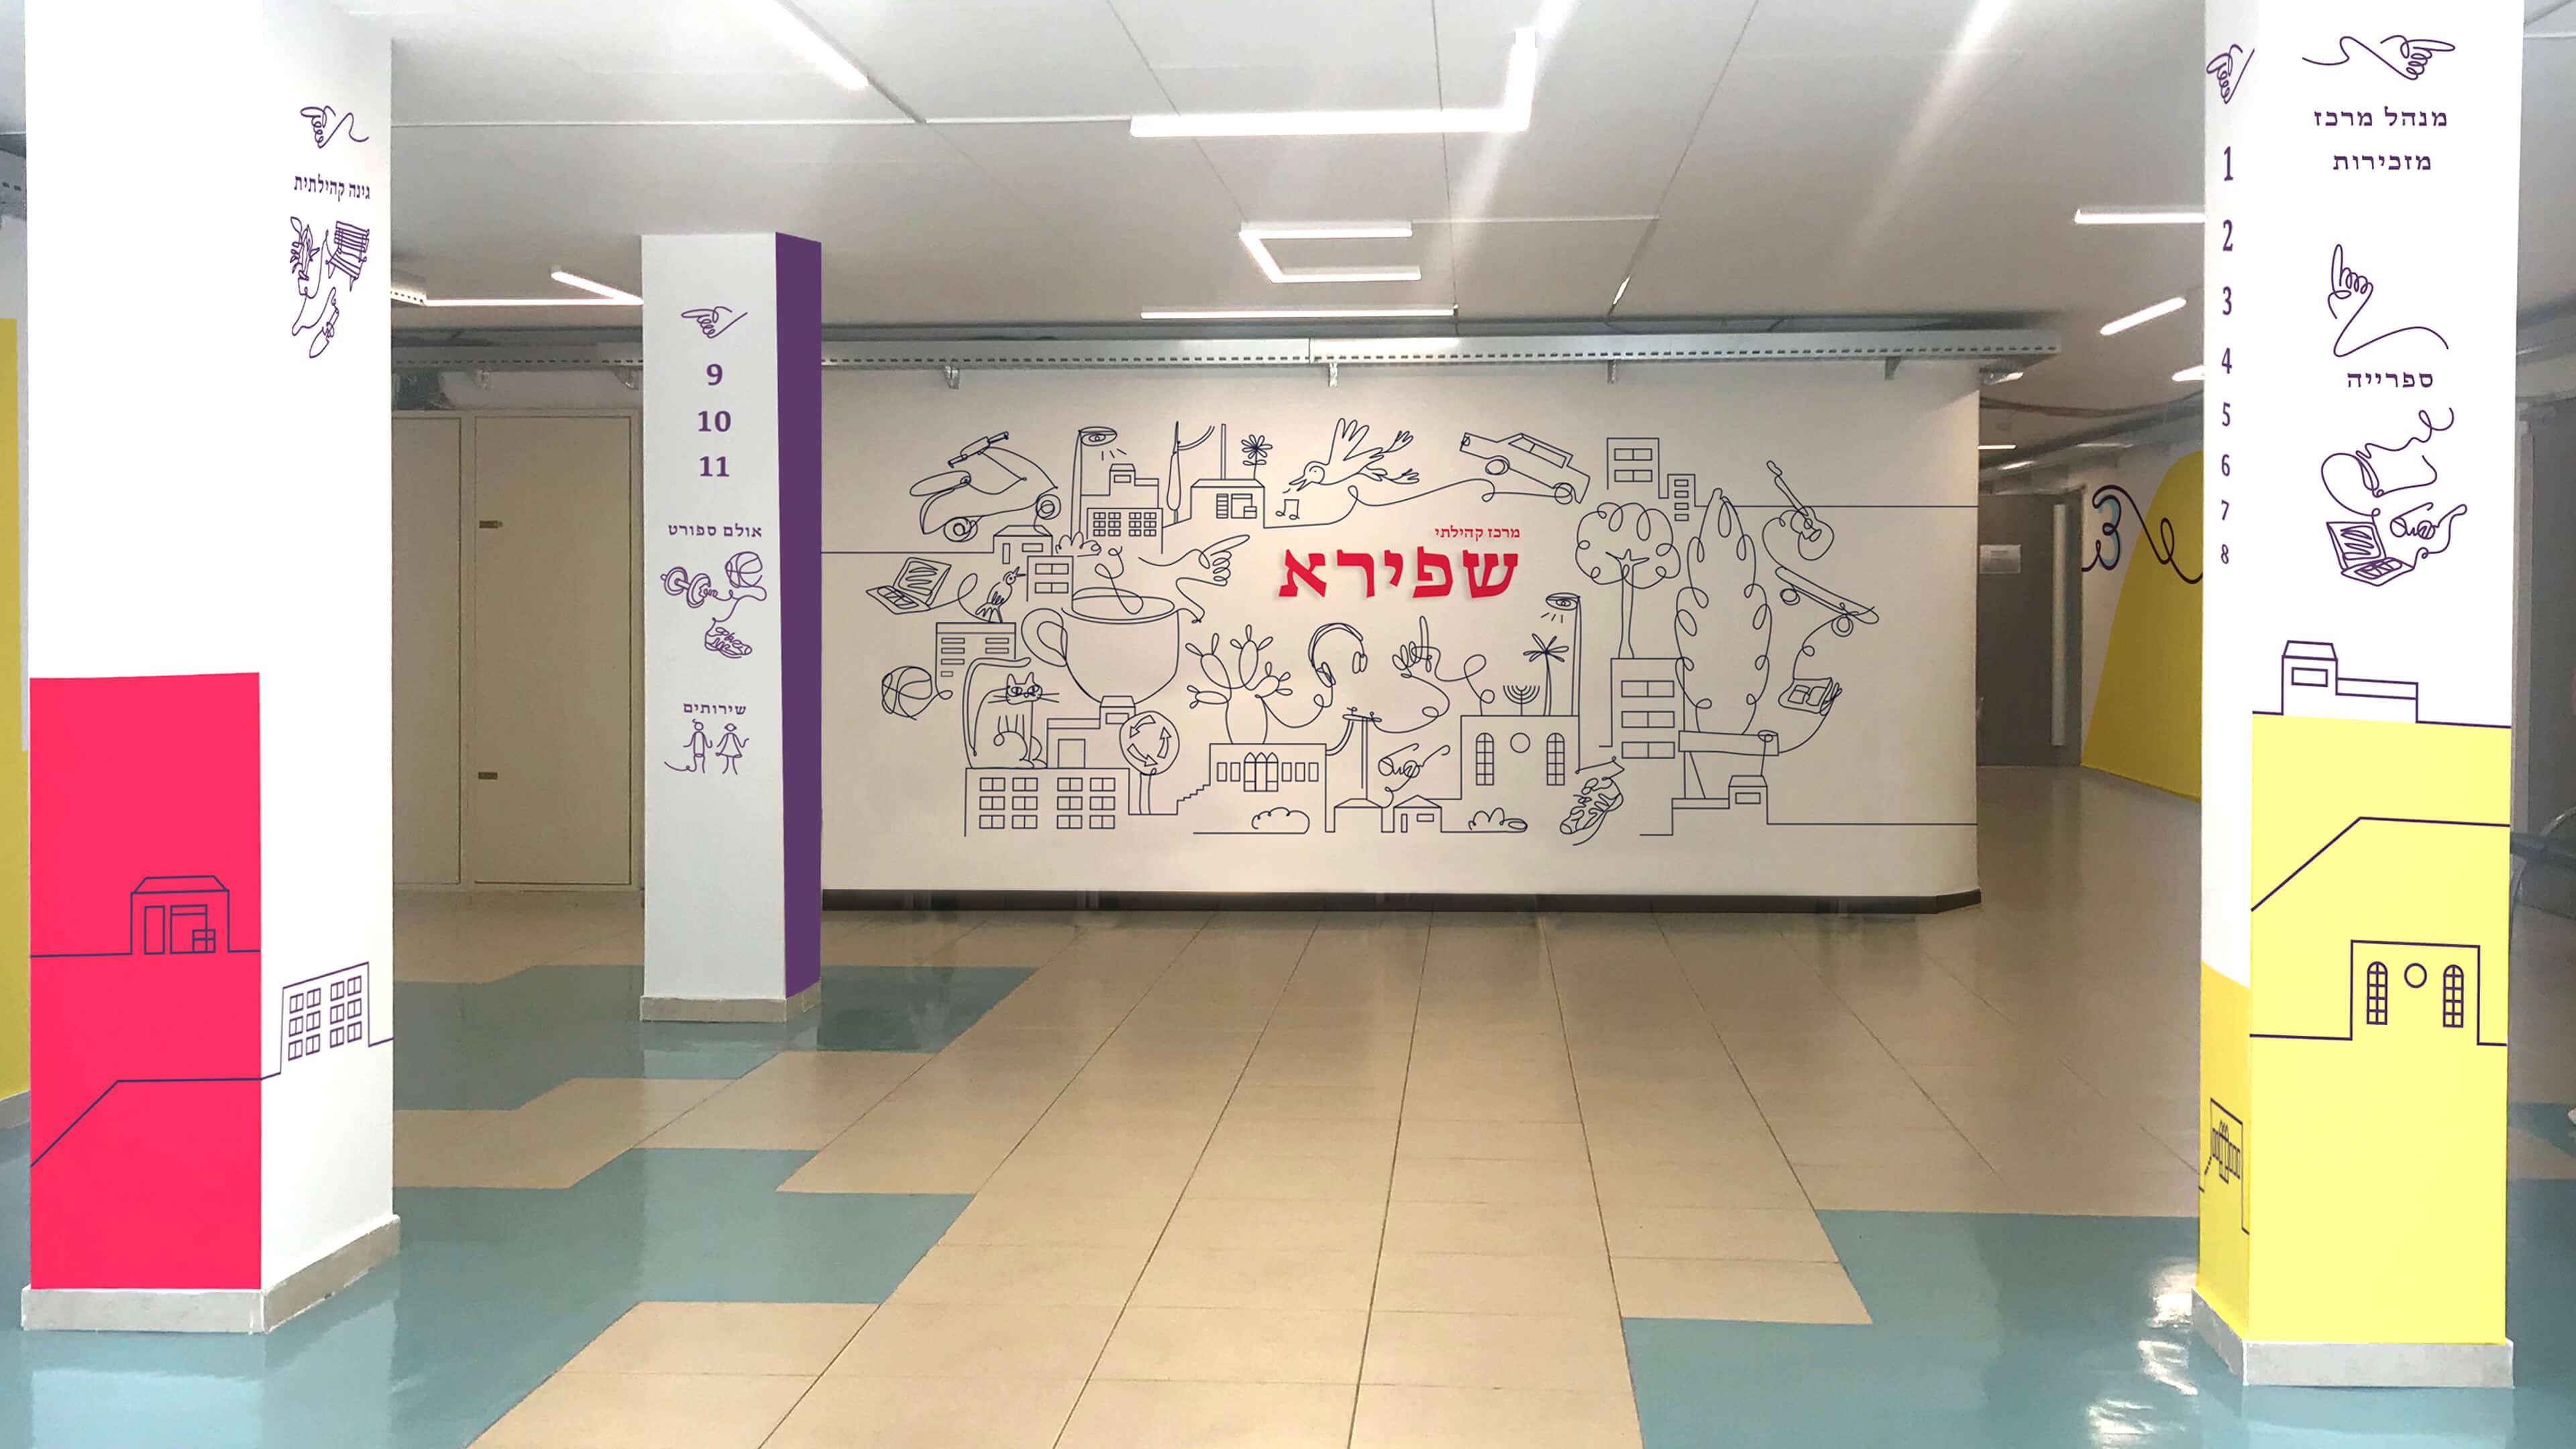 Tel Aviv-Jaffa Municipality